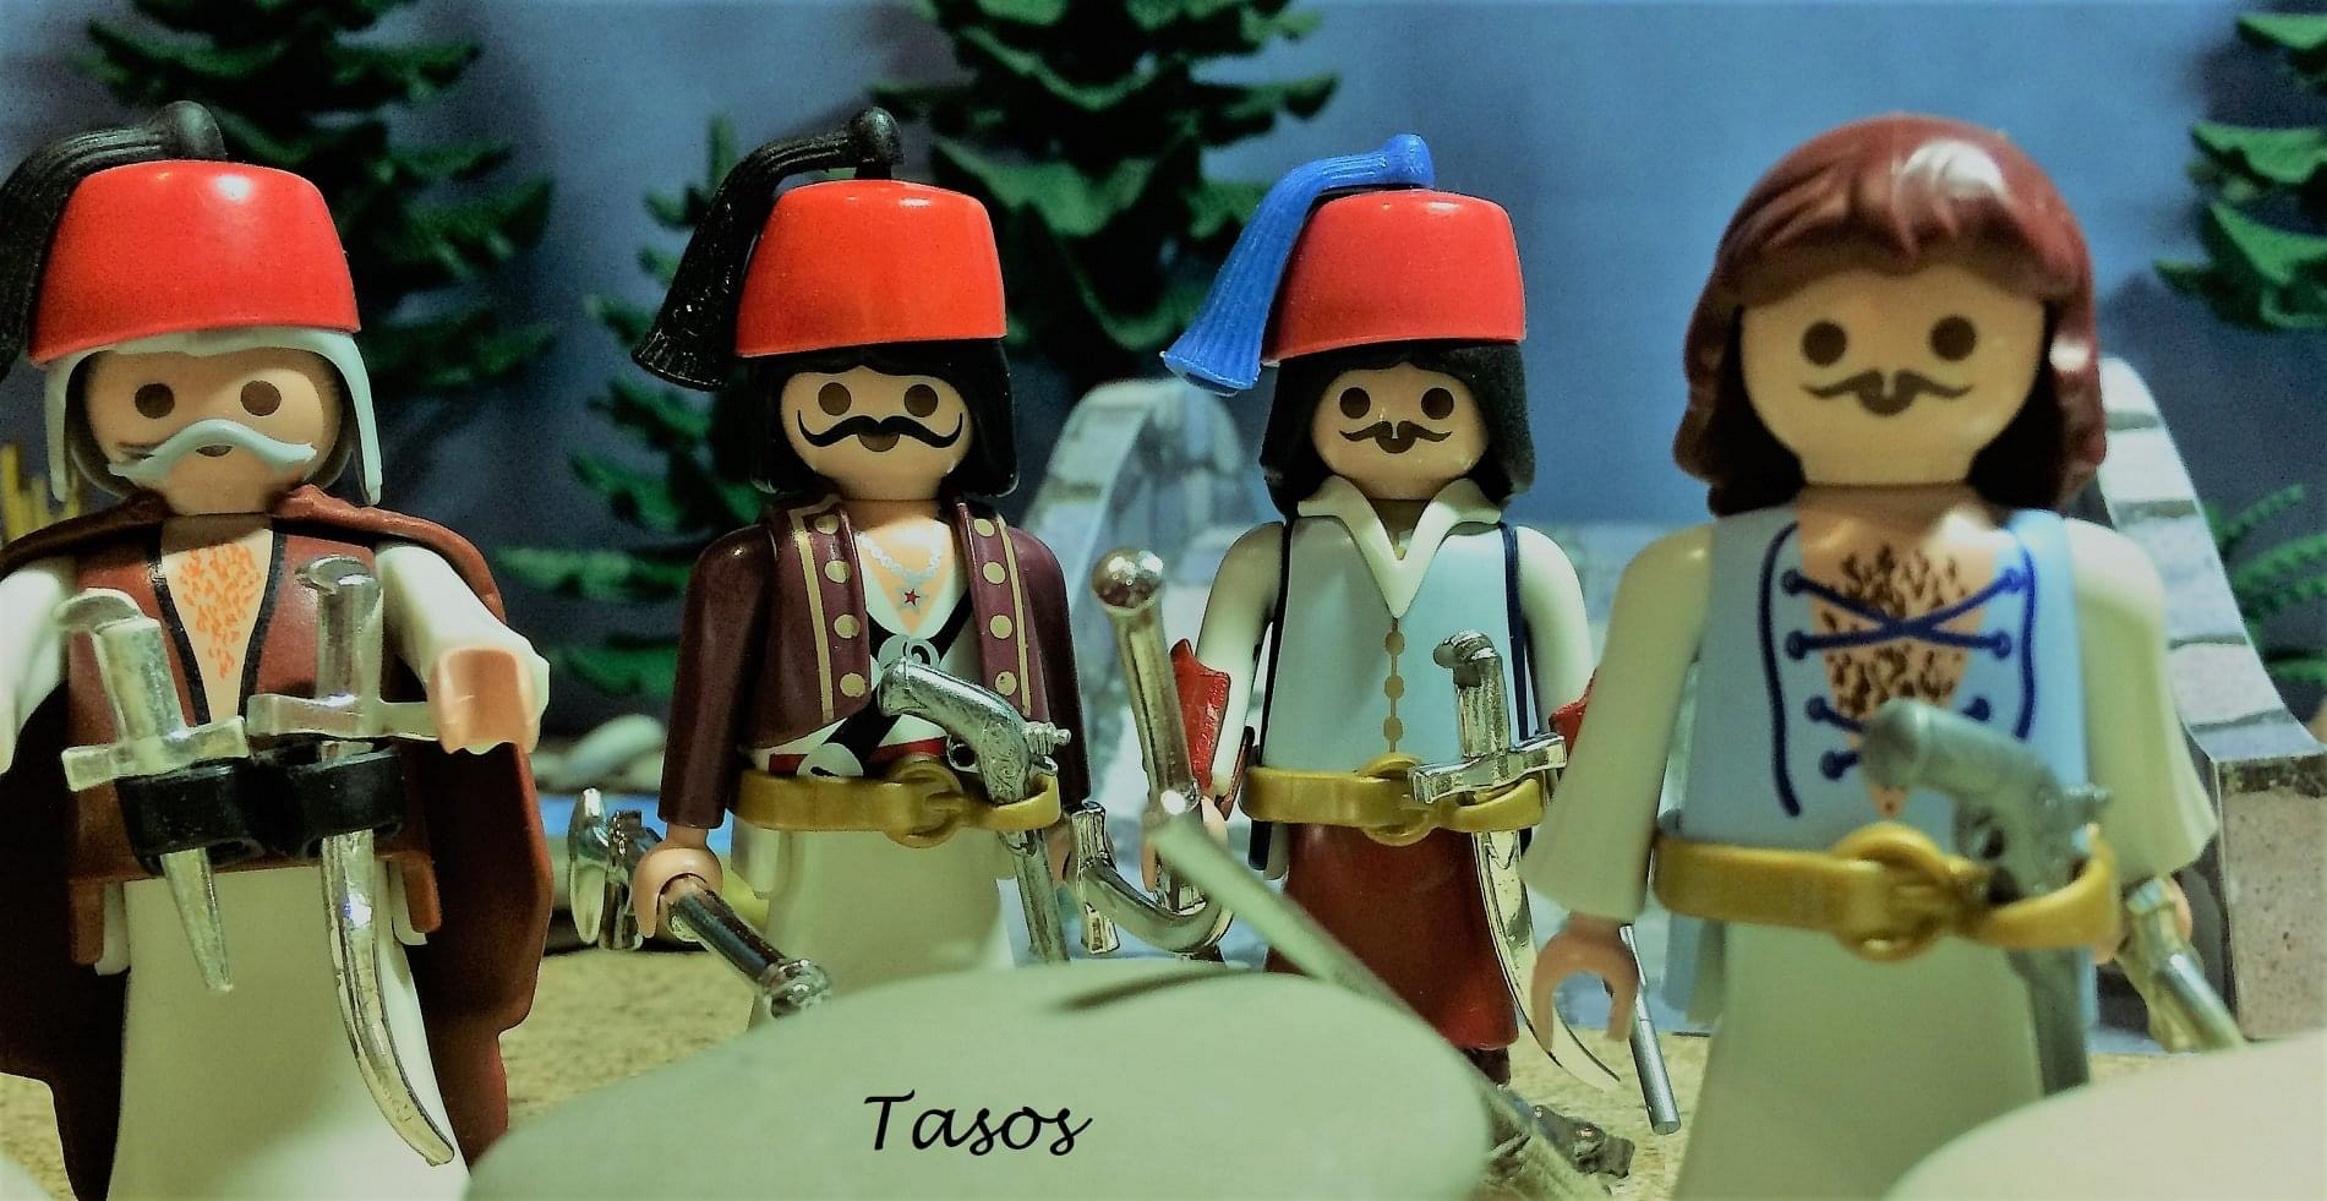 Ο Θεσσαλονικιός που αναπαριστά τη μάχη της Αλαμάνας με playmobil (pics)